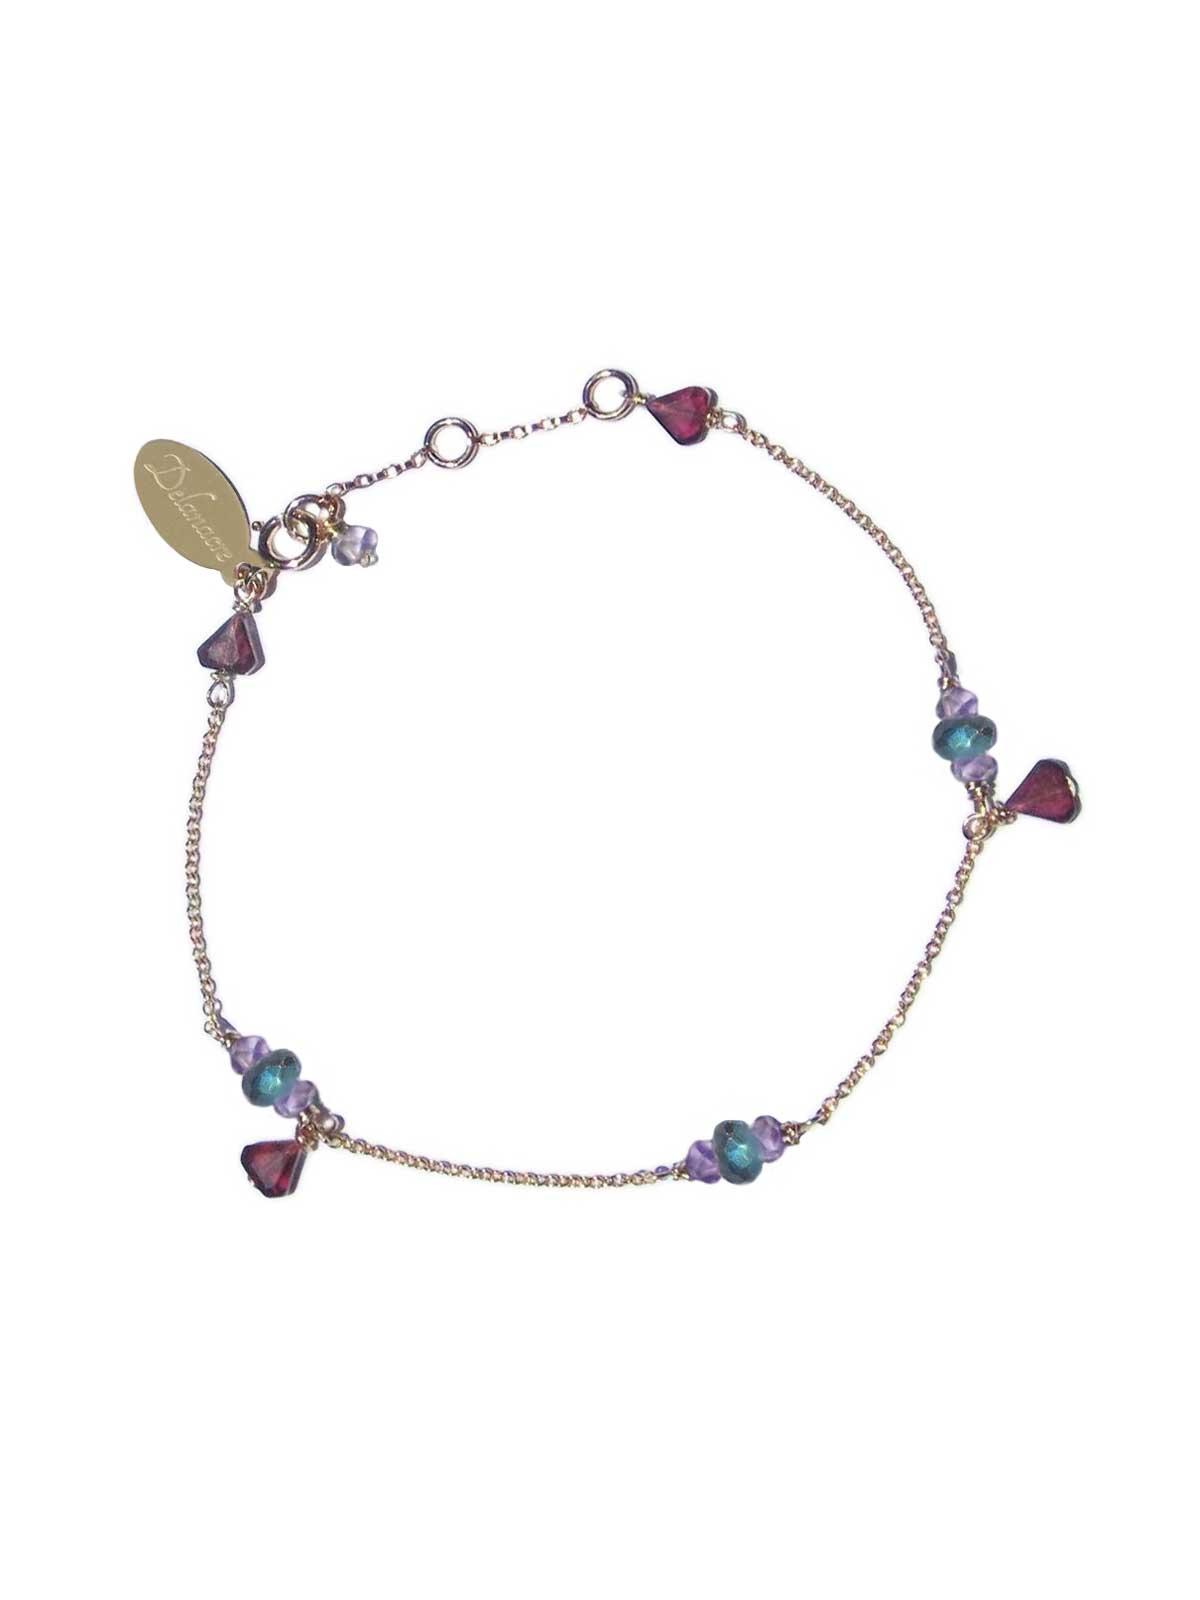 Bracelet chaîne Or 14 Carats Gold-filled, pierres Semi-précieuses facettées : Grenats Améthystes Labradorites